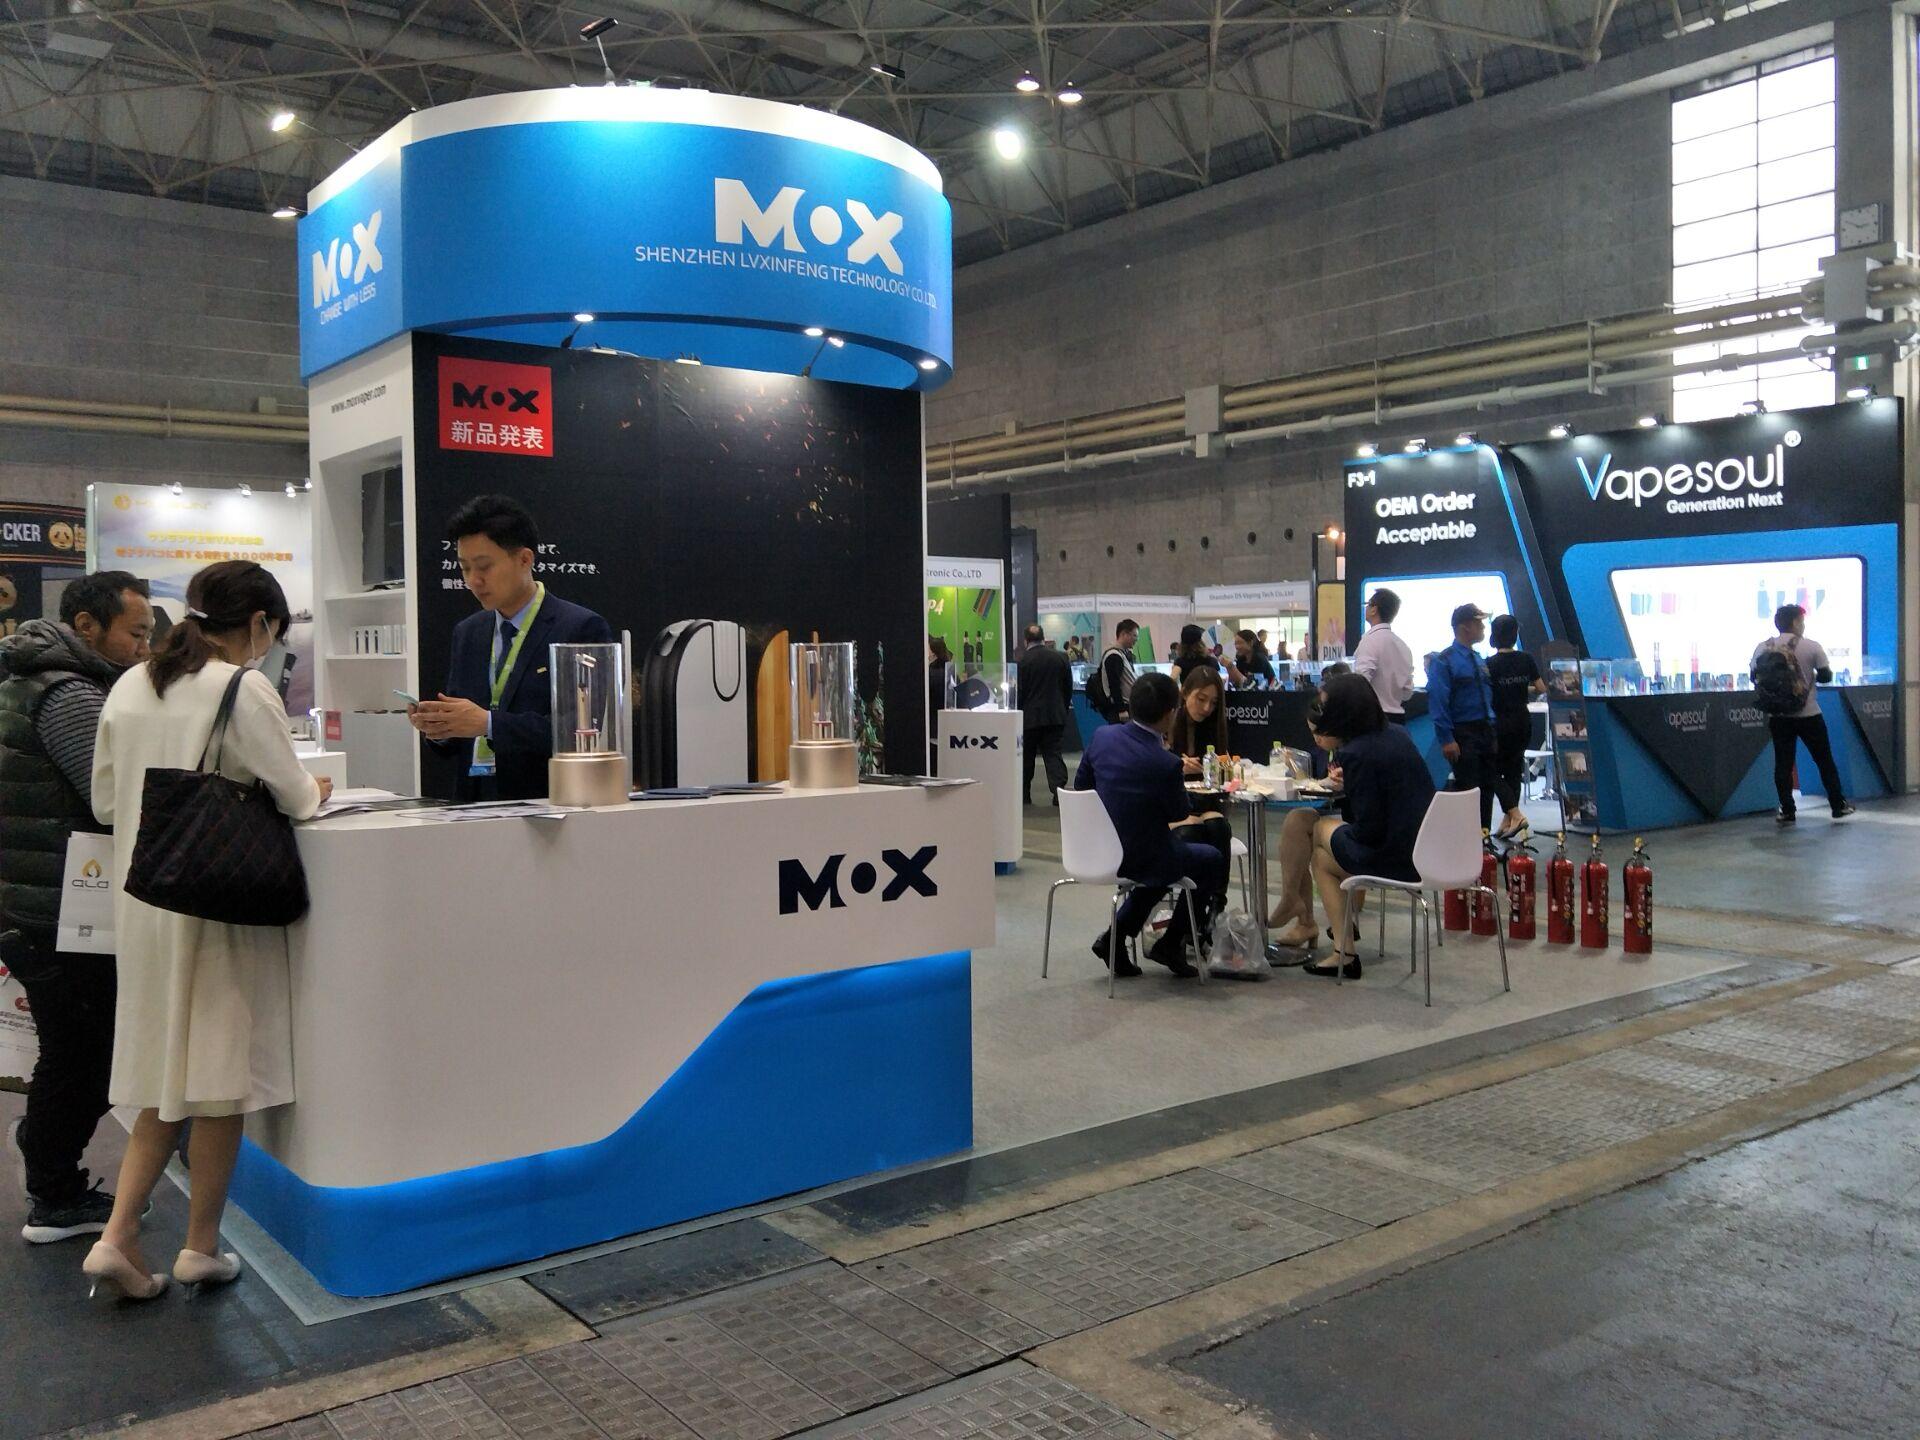 日本初の大規模VAPE展覧会インテックス大阪で開催